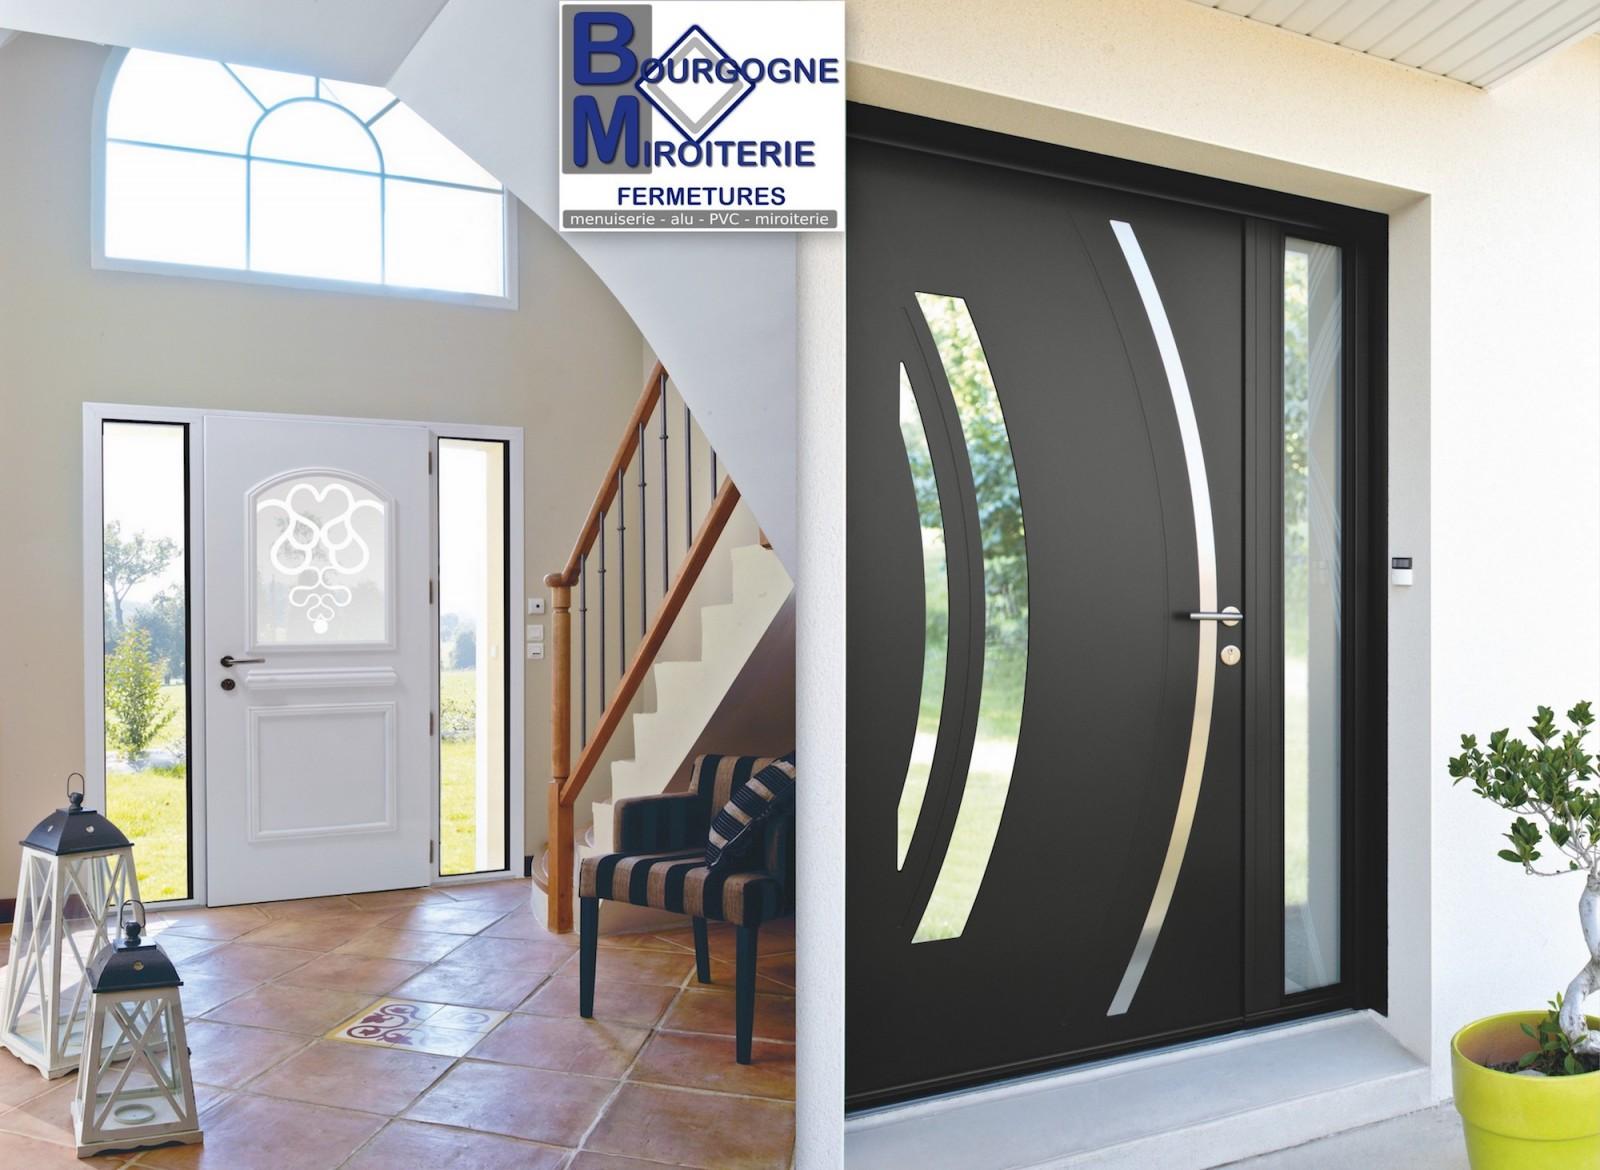 Bourgogne miroiterie fermetures votre porte d entr e - Porte isolante entre garage et maison ...